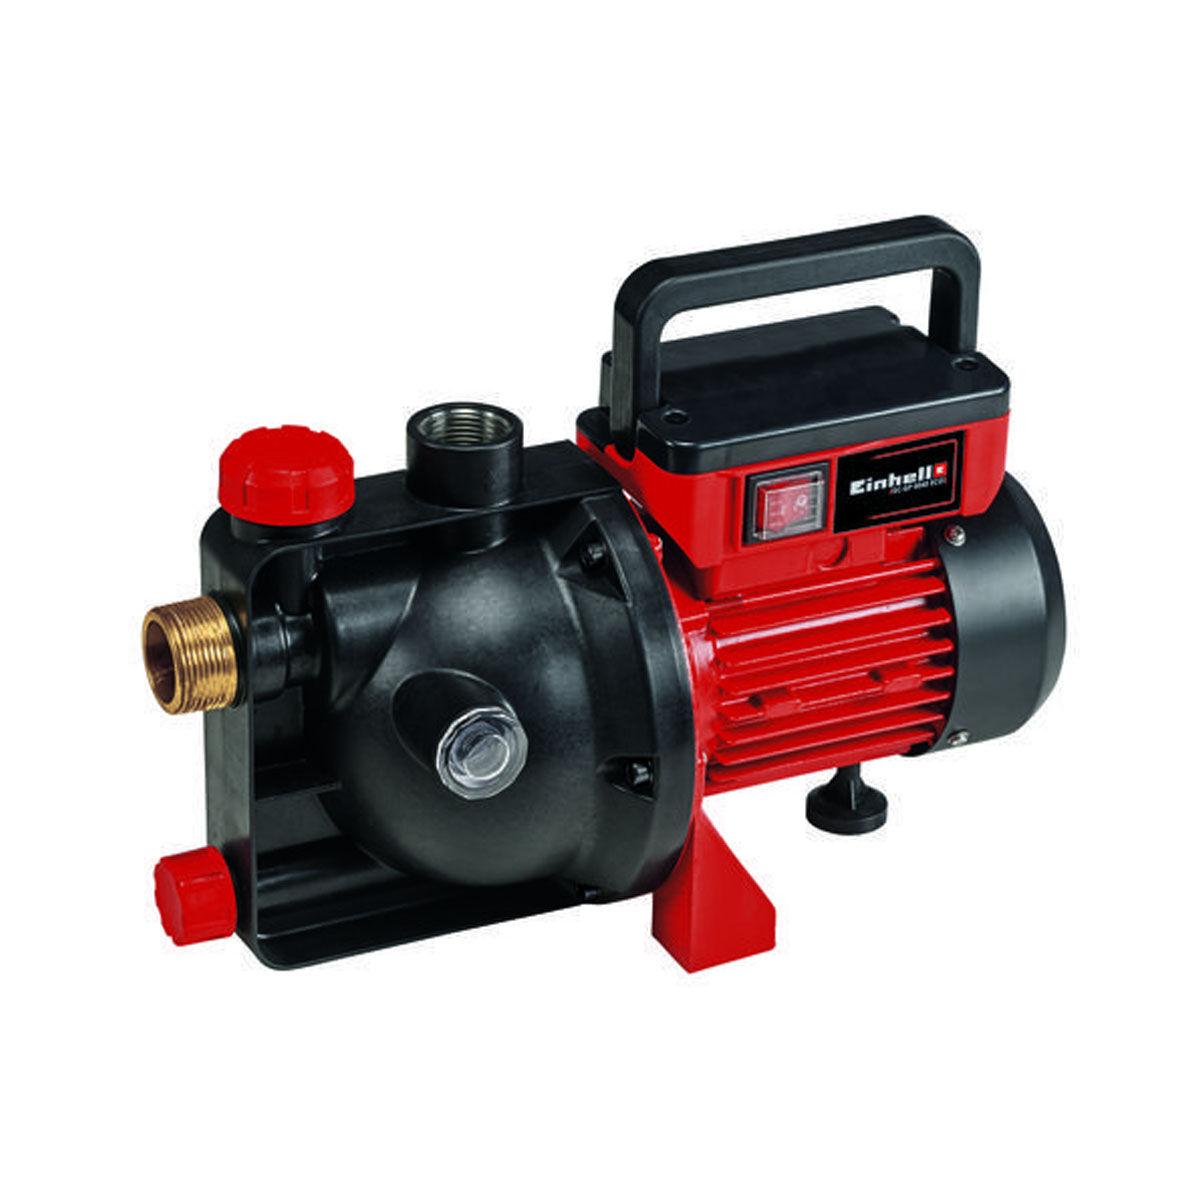 Einhell GC-GP 6040 ECO Pompe de surface